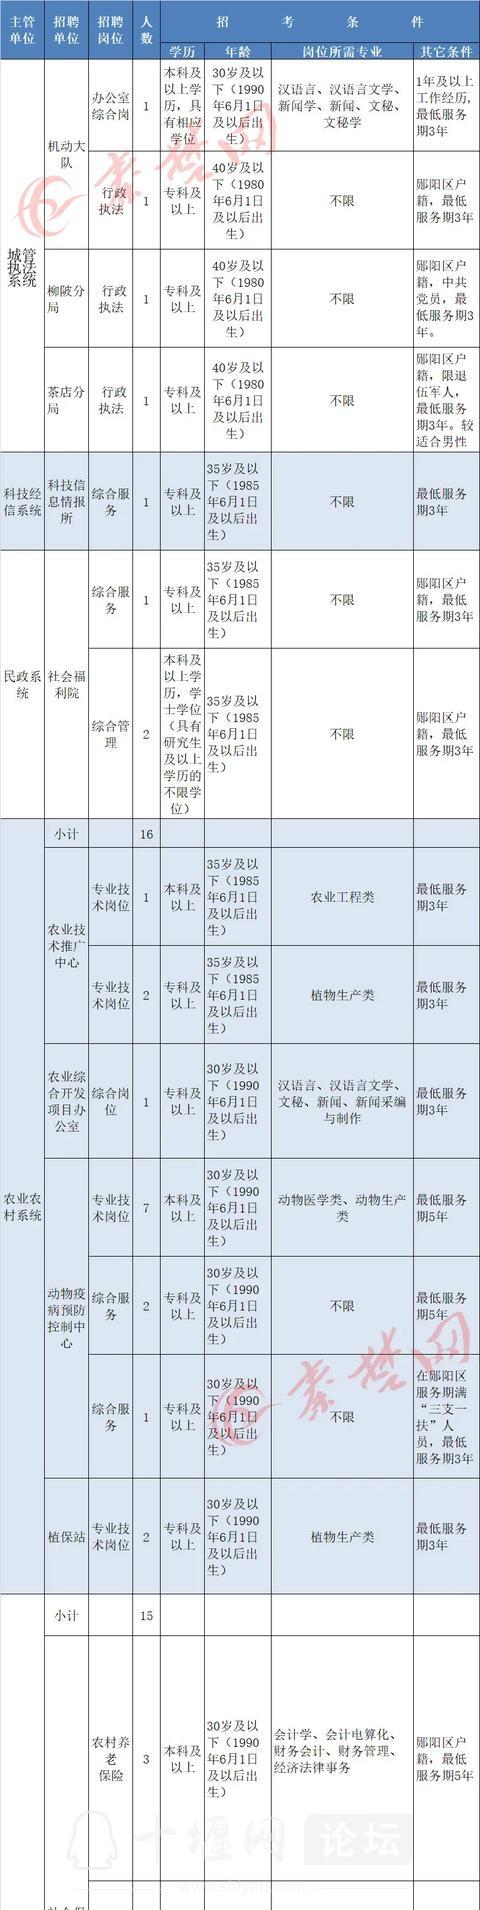 十堰启动事业单位大规模招聘,最全岗位表来了-11.jpg